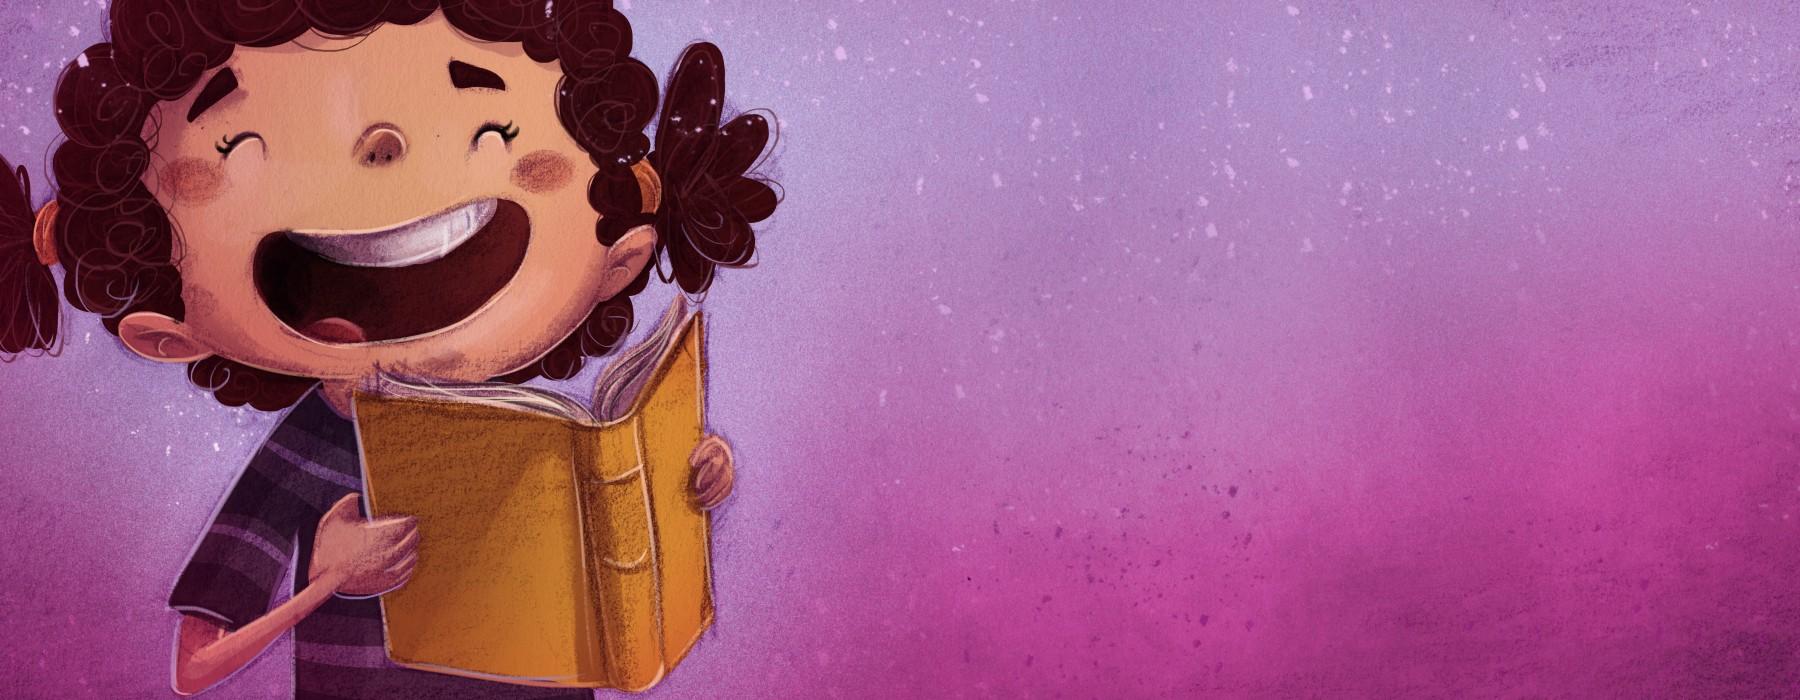 Co czytać na wiosnę? 11 pomysłów